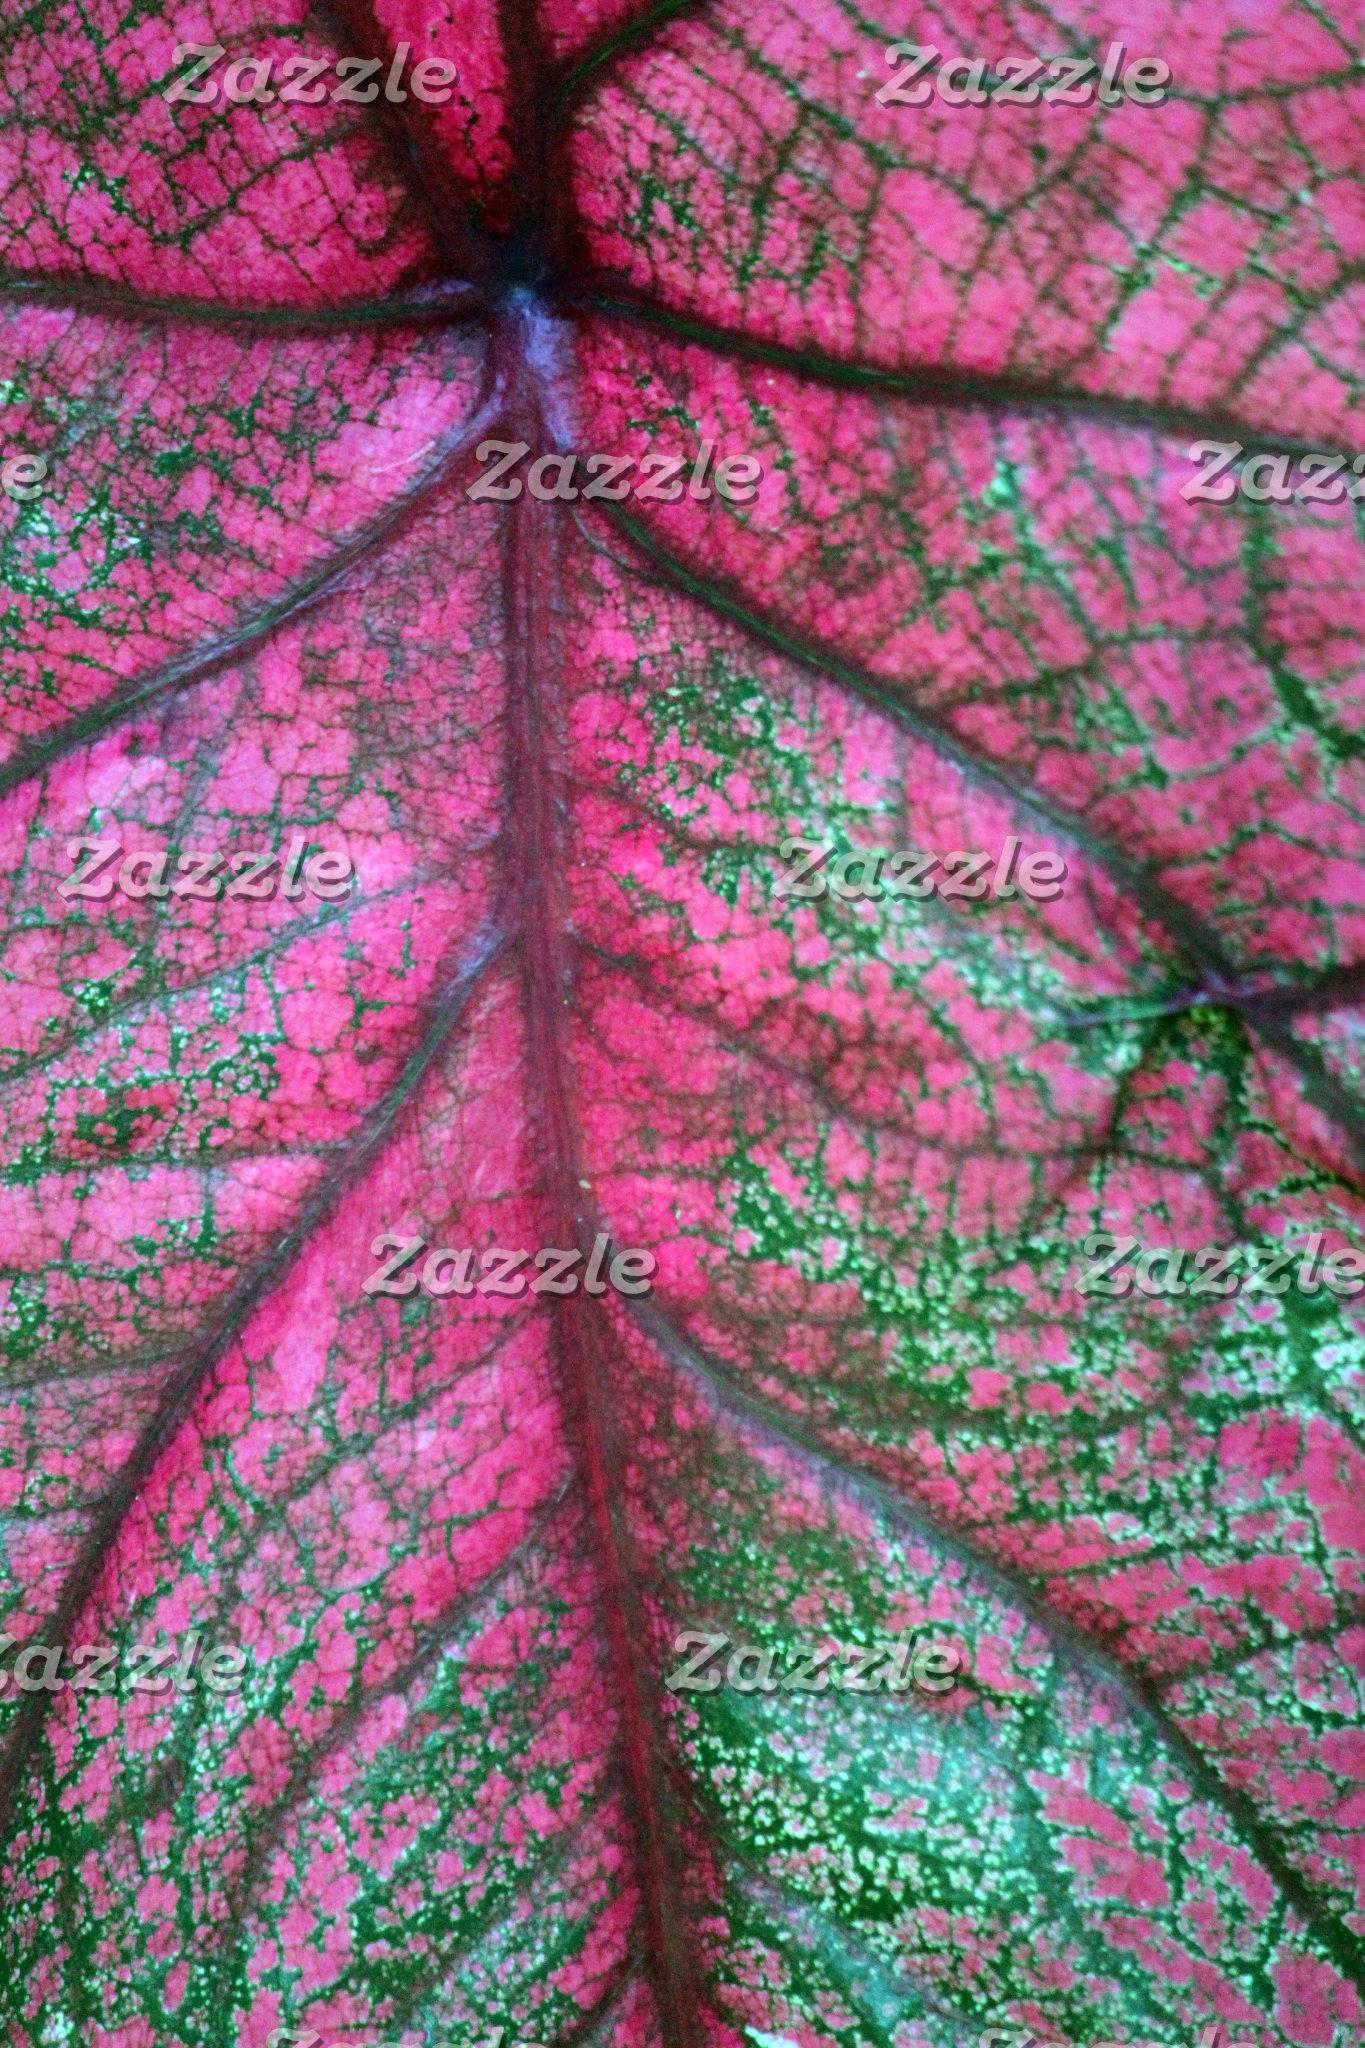 Caladium Leaves